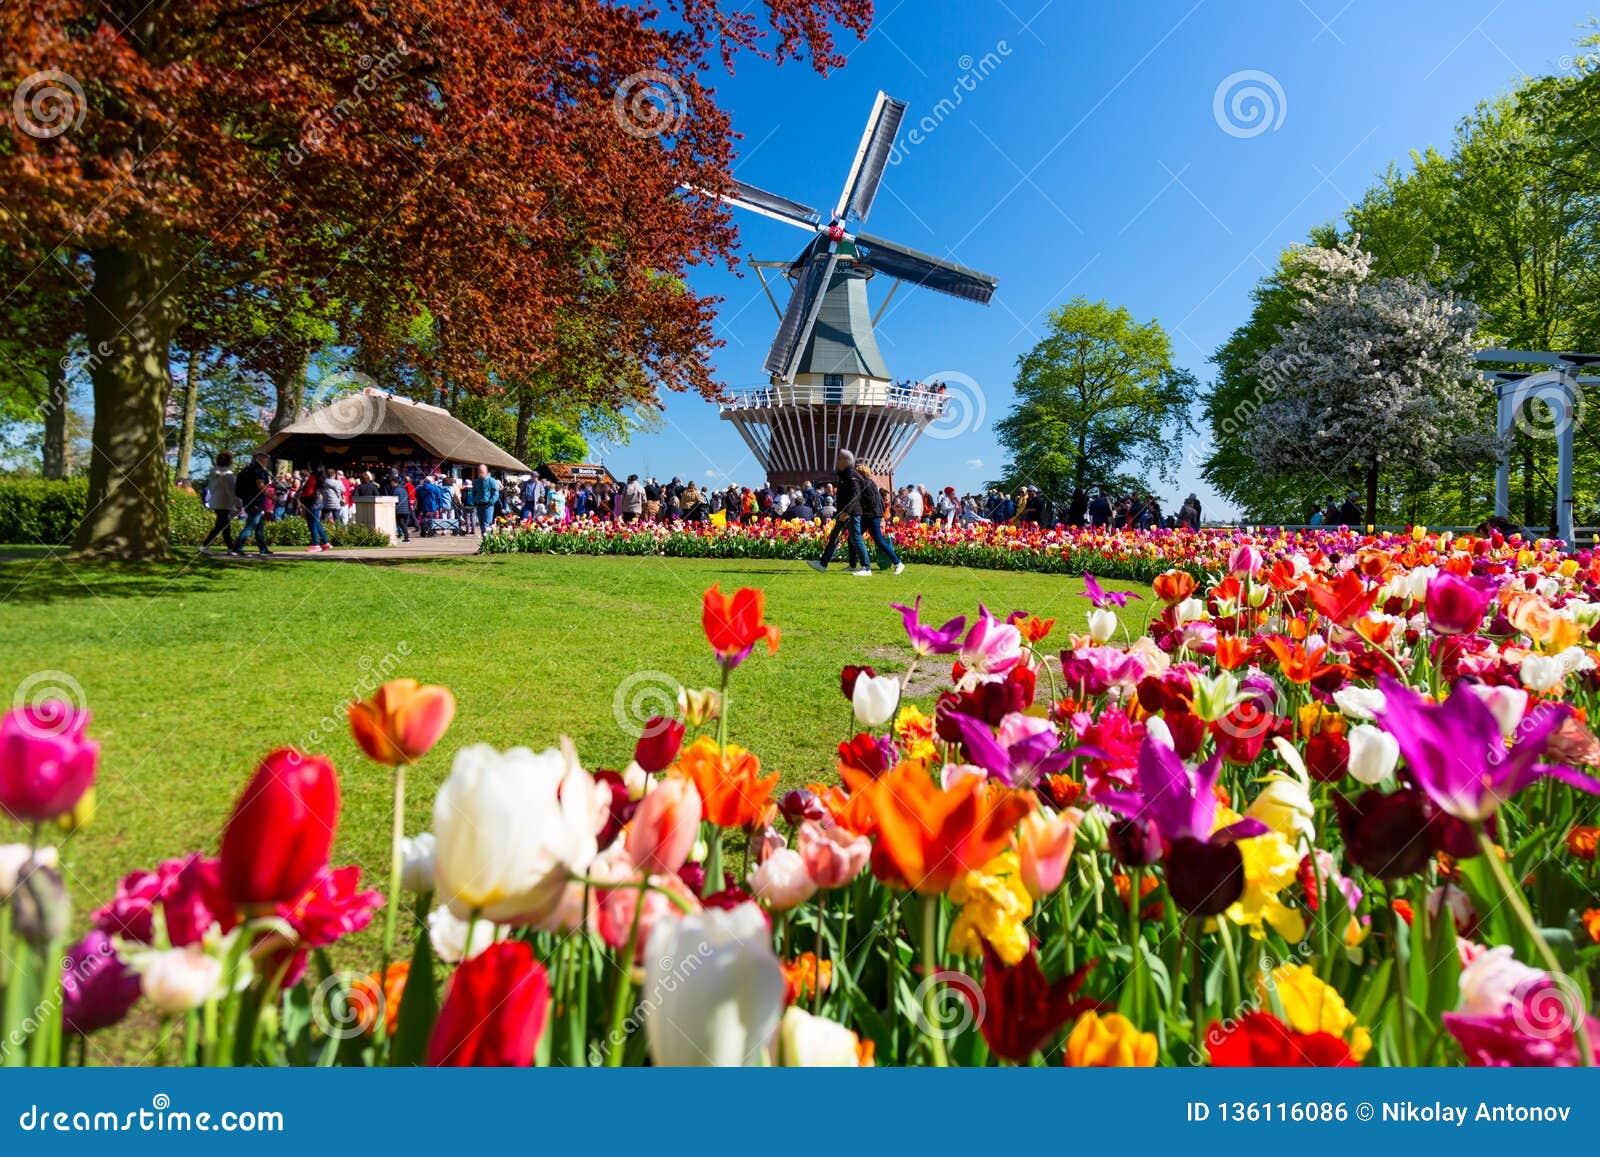 Parterre coloré de floraison de tulipes dans le jardin d agrément public avec le moulin à vent Site touristique populaire Lisse,